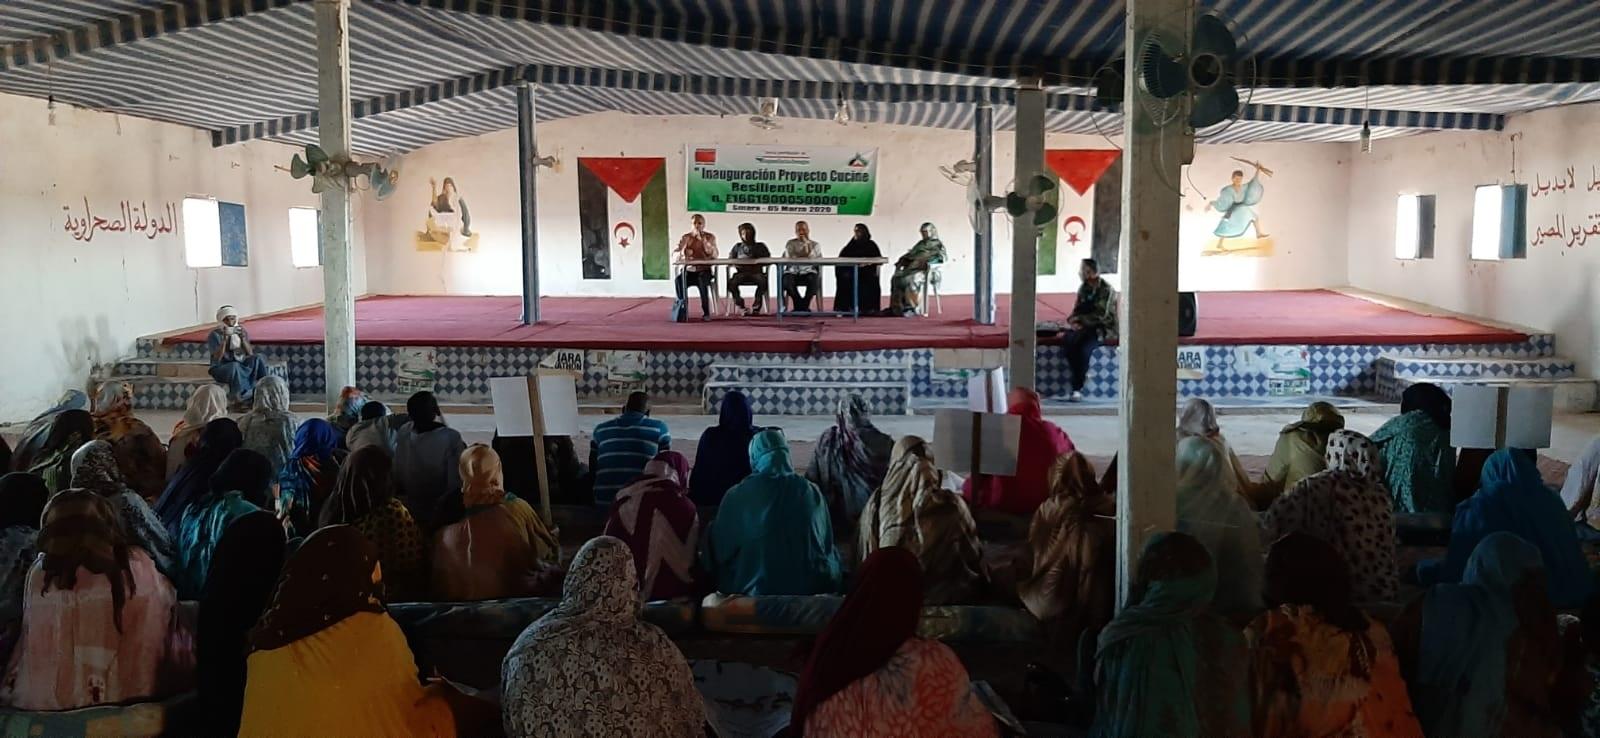 Sahrawi: INAUGURAZIONE PROGETTO CUCINE RESILIENTI